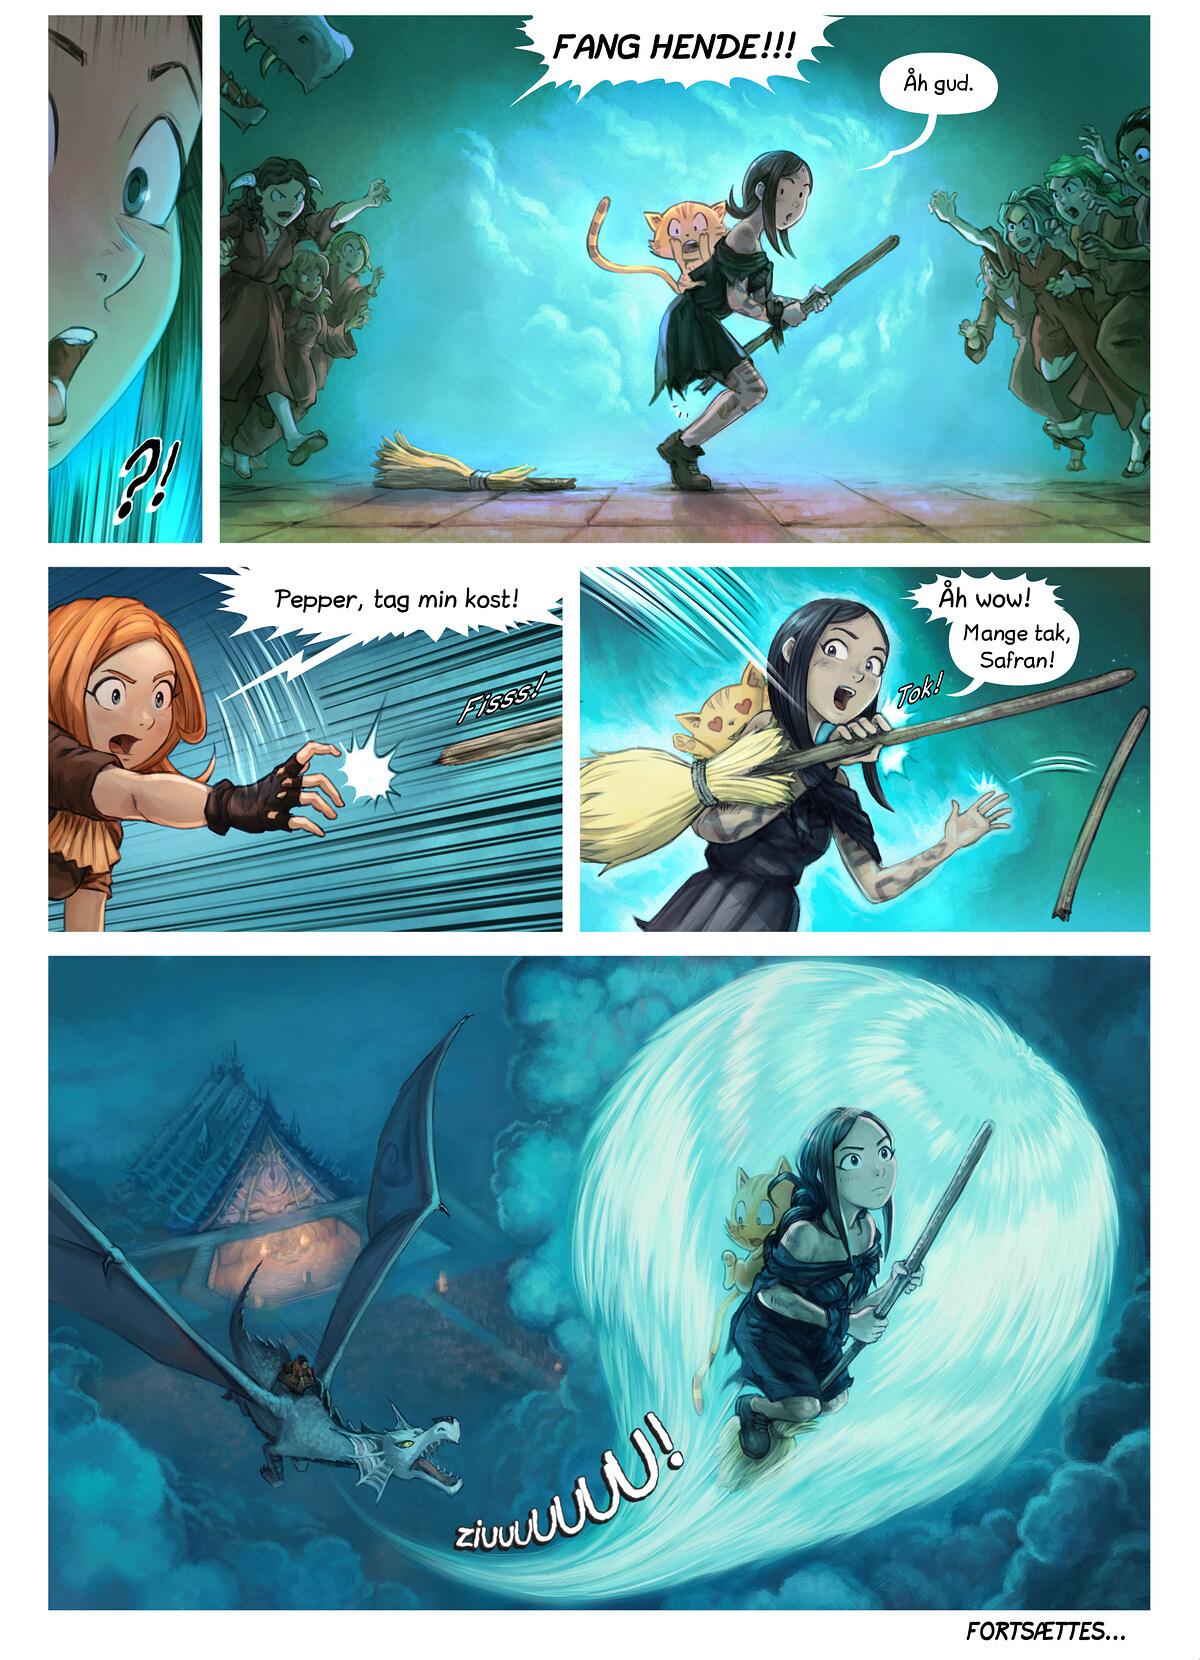 Episode 34: Shichimi slås til ridder, Page 10